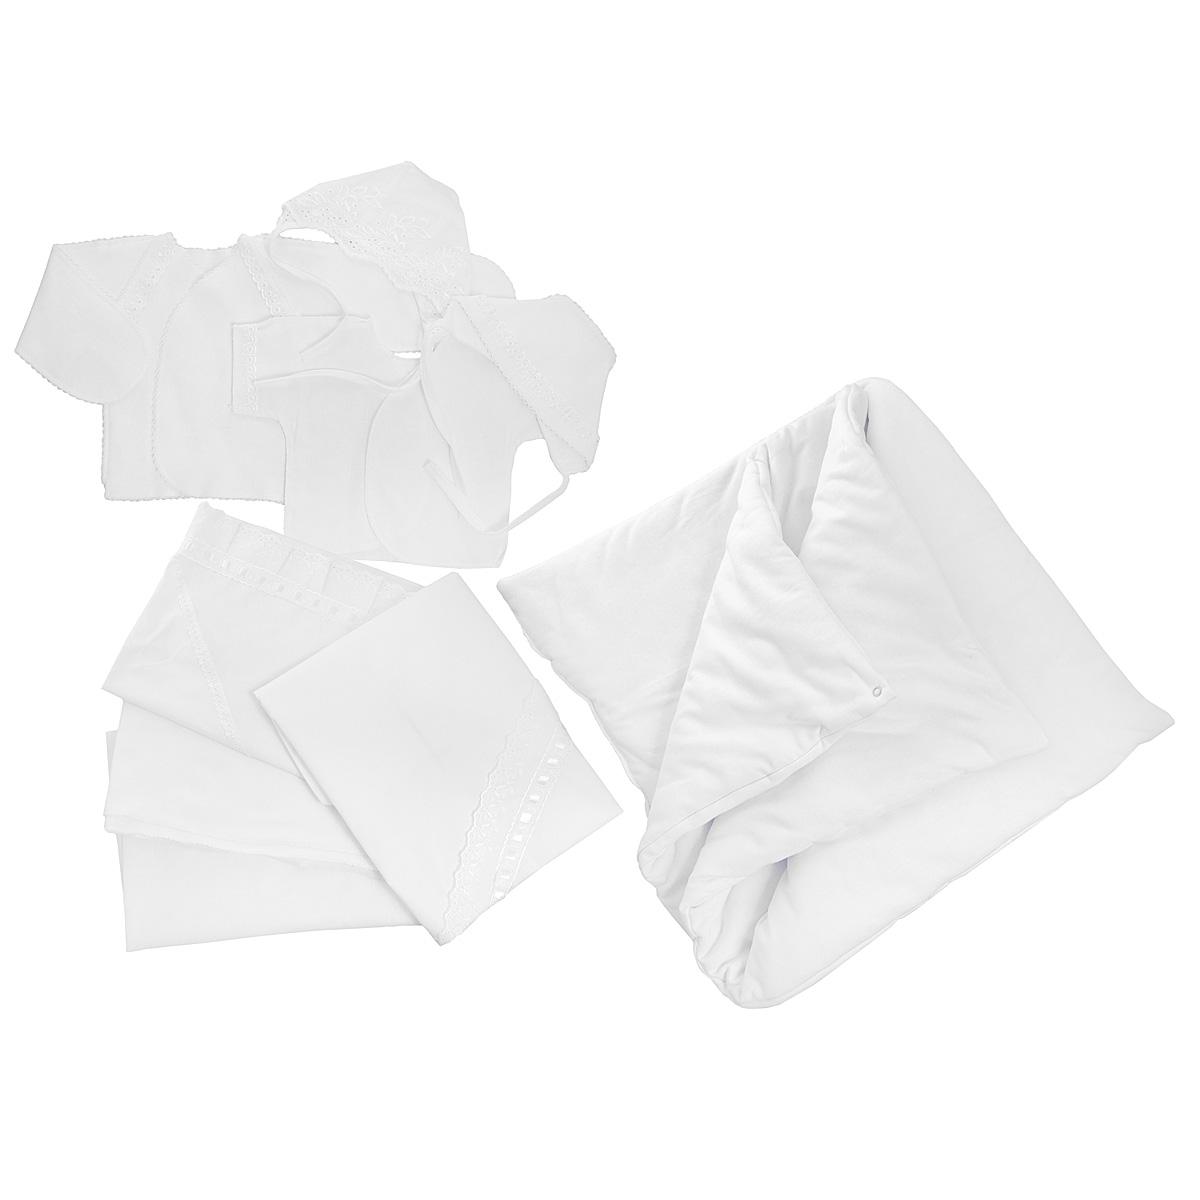 3476Комплект для новорожденного Трон-плюс - это замечательный подарок, который прекрасно подойдет для первых дней жизни ребенка. Комплект состоит из двух распашонок, двух чепчиков, уголка, двух пеленок, пододеяльника и одеяла. Комплект изготовлен из натурального хлопка, благодаря чему он необычайно мягкий и приятный на ощупь, не сковывает движения младенца и позволяет коже дышать, не раздражает даже самую нежную и чувствительную кожу ребенка, обеспечивая ему наибольший комфорт. Легкая распашонка с короткими рукавами выполнена швами наружу. Изделие украшено вышивкой, а рукава декорированы ажурными рюшами и петельками. Теплая распашонка с запахом выполнена швами наружу. Декорирована распашонка ажурными рюшами. А благодаря рукавичкам ребенок не поцарапает себя. Ручки могут быть как открытыми, так и закрытыми. Чепчик защищает еще не заросший родничок, щадит чувствительный слух малыша, прикрывая ушки, и предохраняет от теплопотерь. Комплект содержит два чепчика: один -...